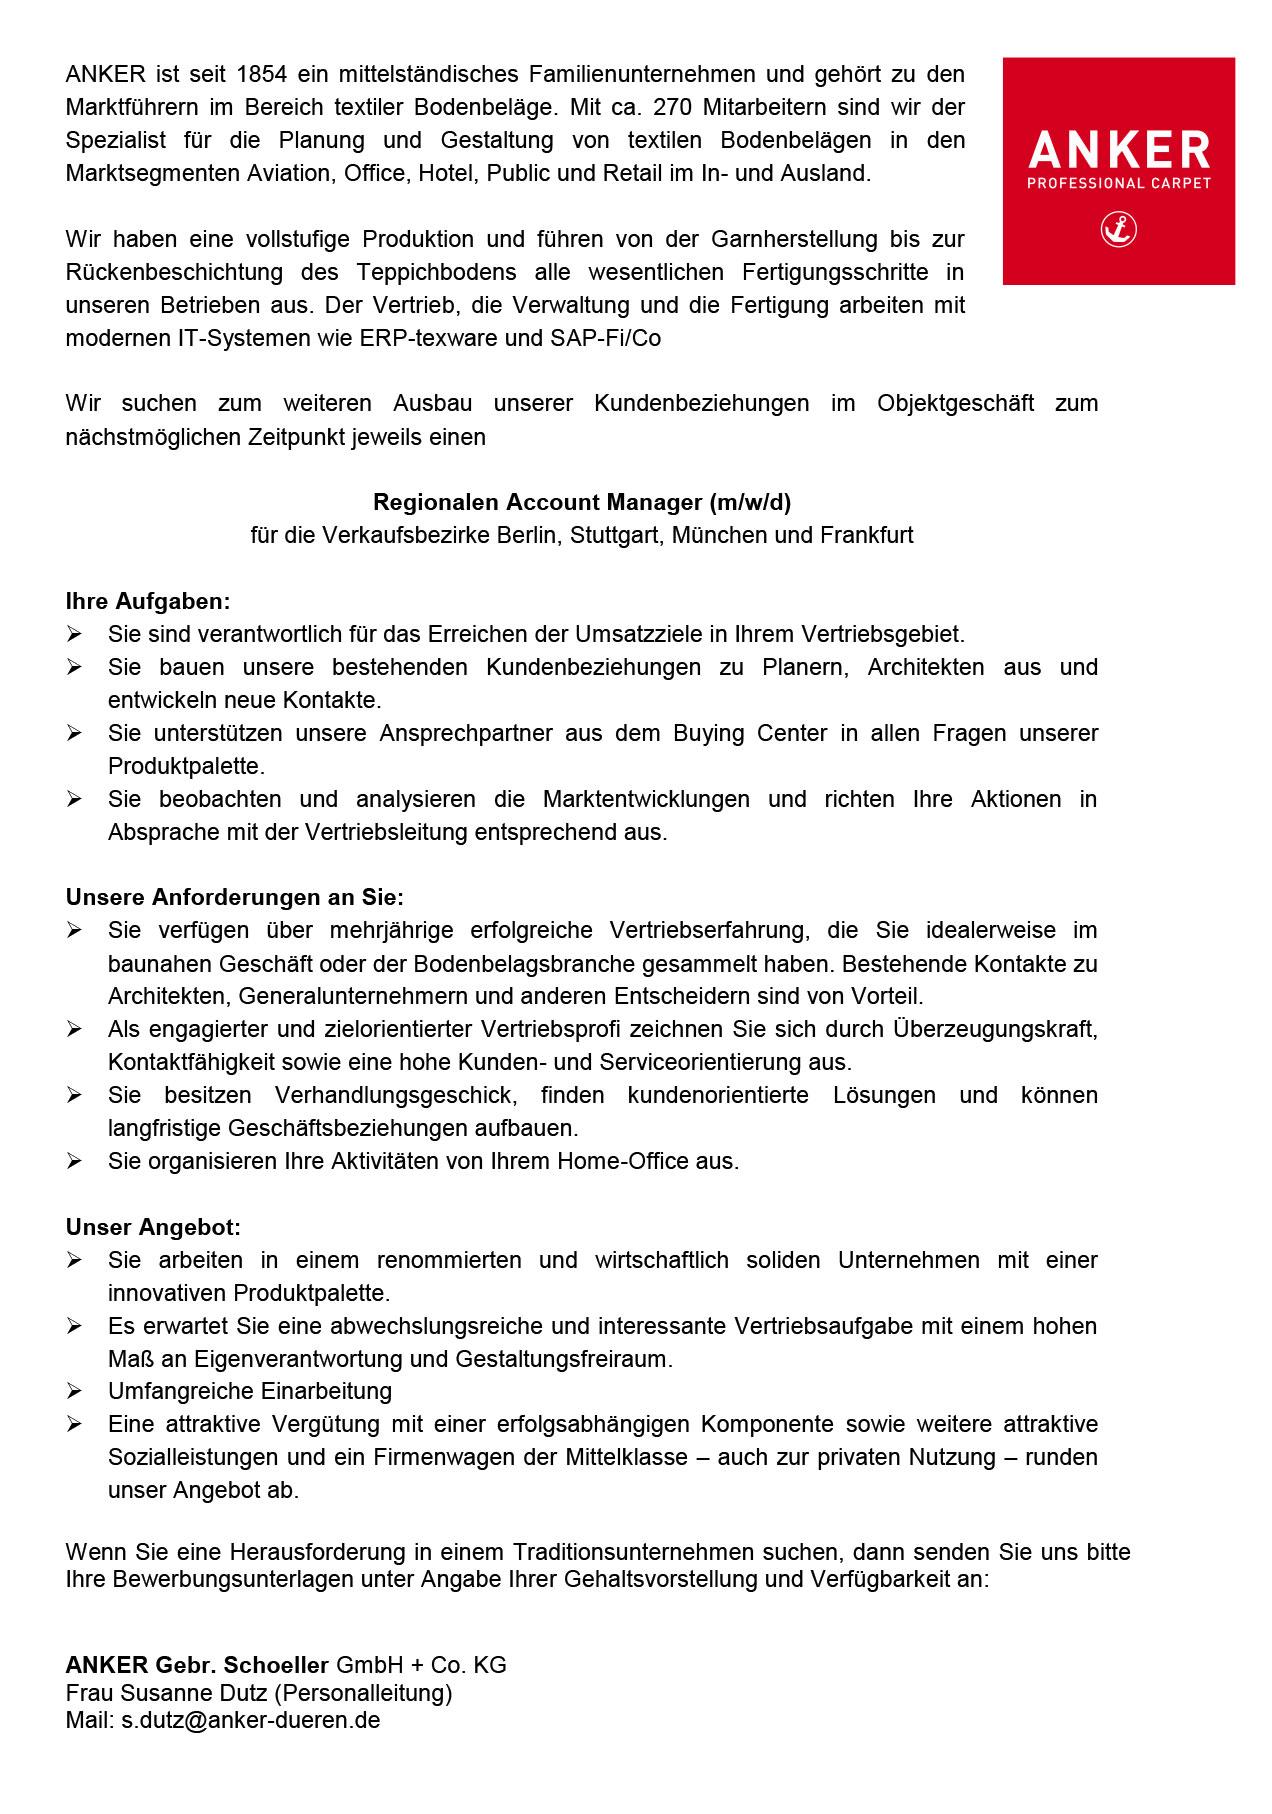 Regionaler Account Manager (m/w/d) für textile Bodenbeläge